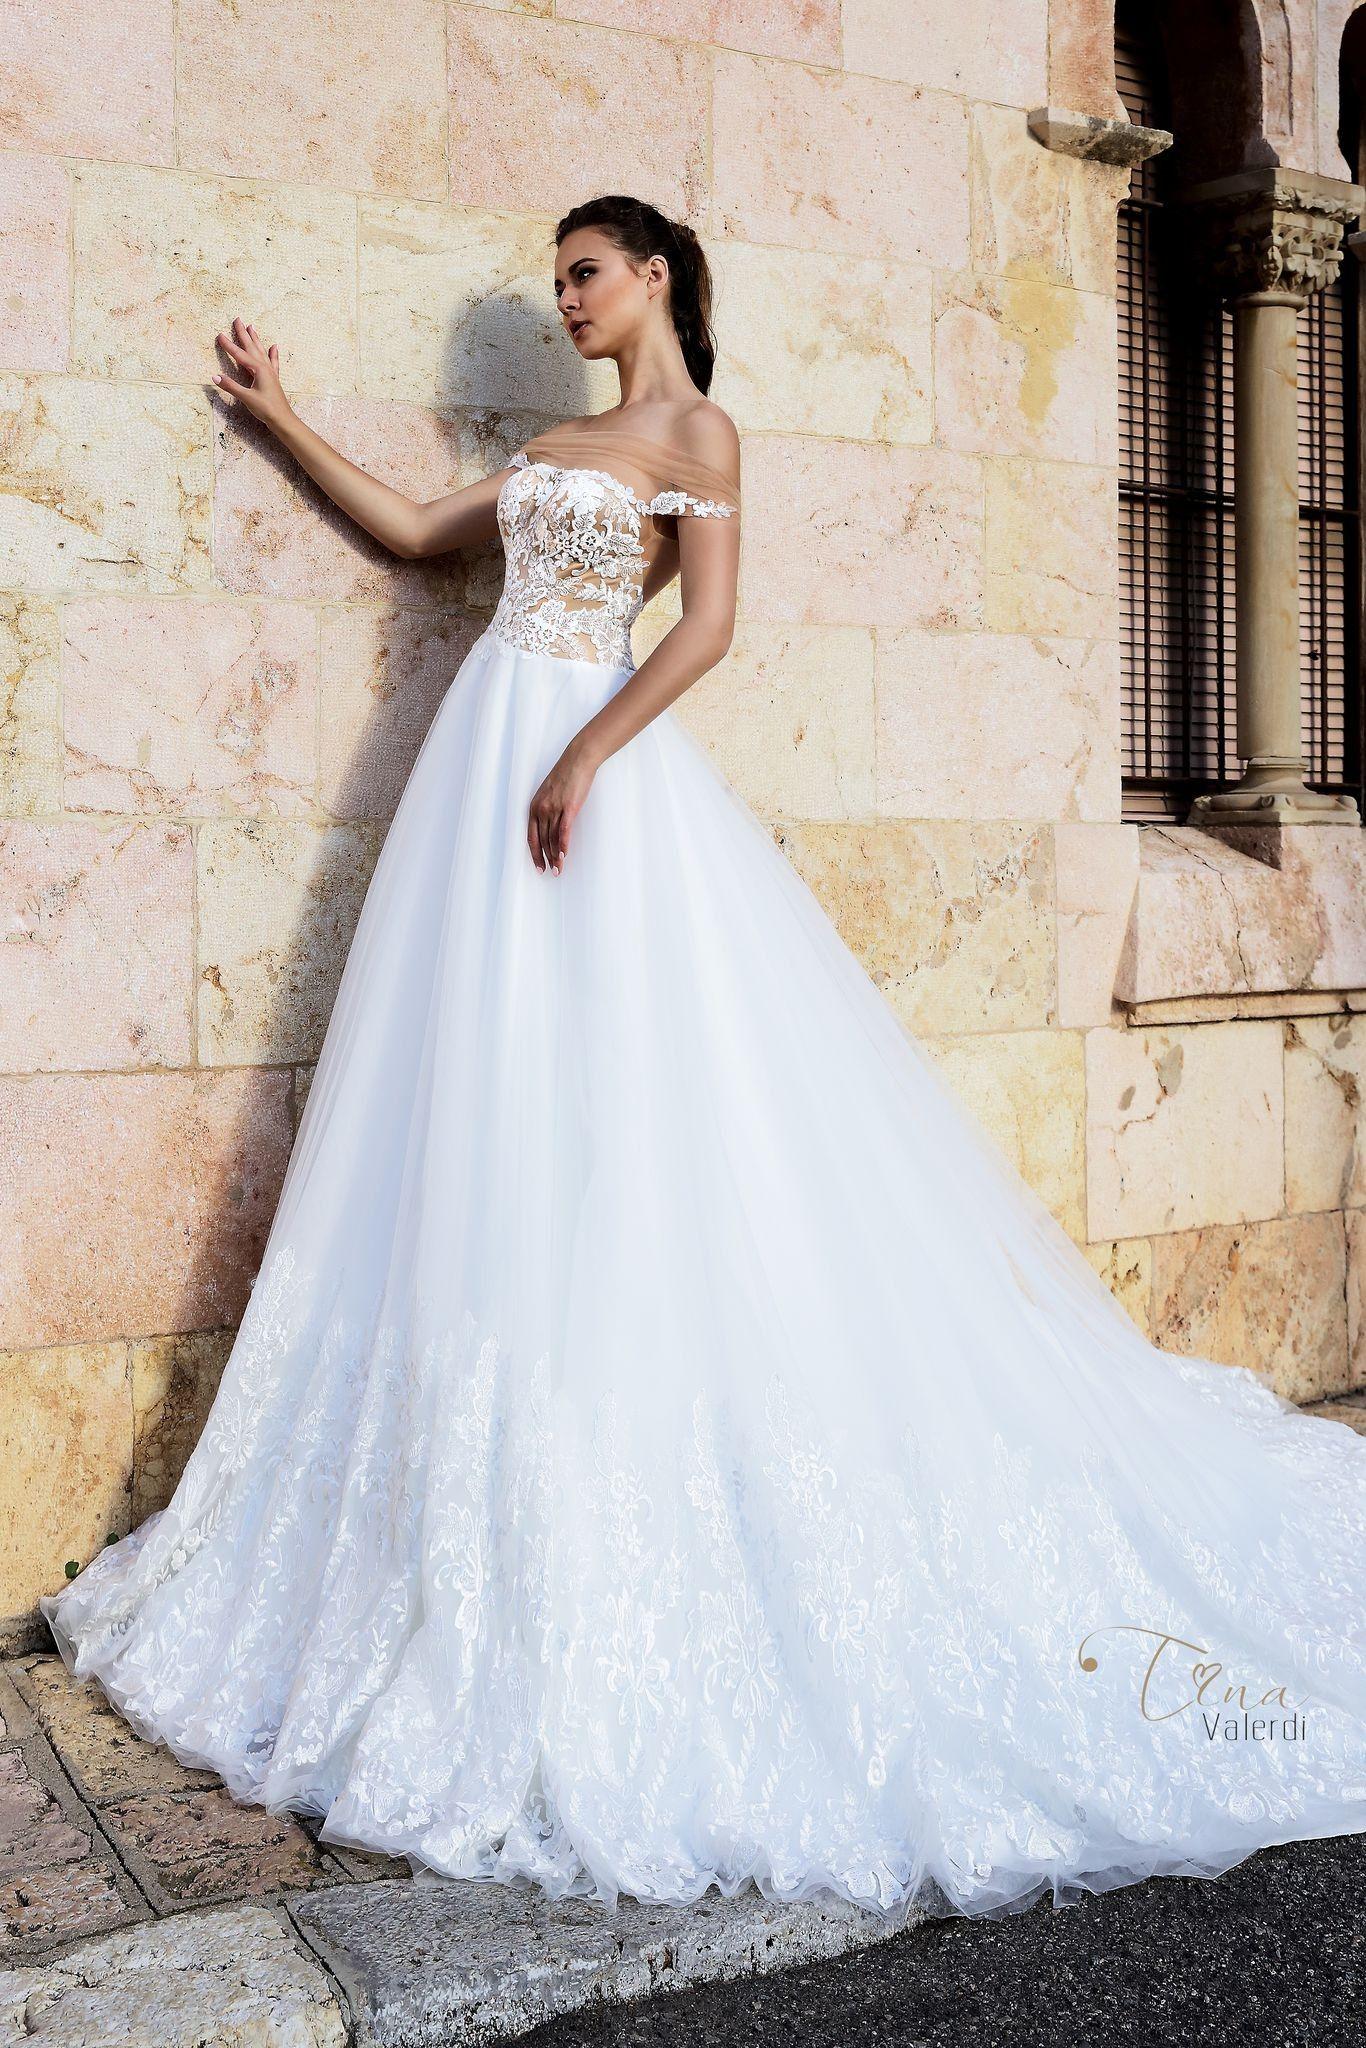 Krásne svadobné šaty s čipkovaným vrškom a širokou sukňou zdobenou